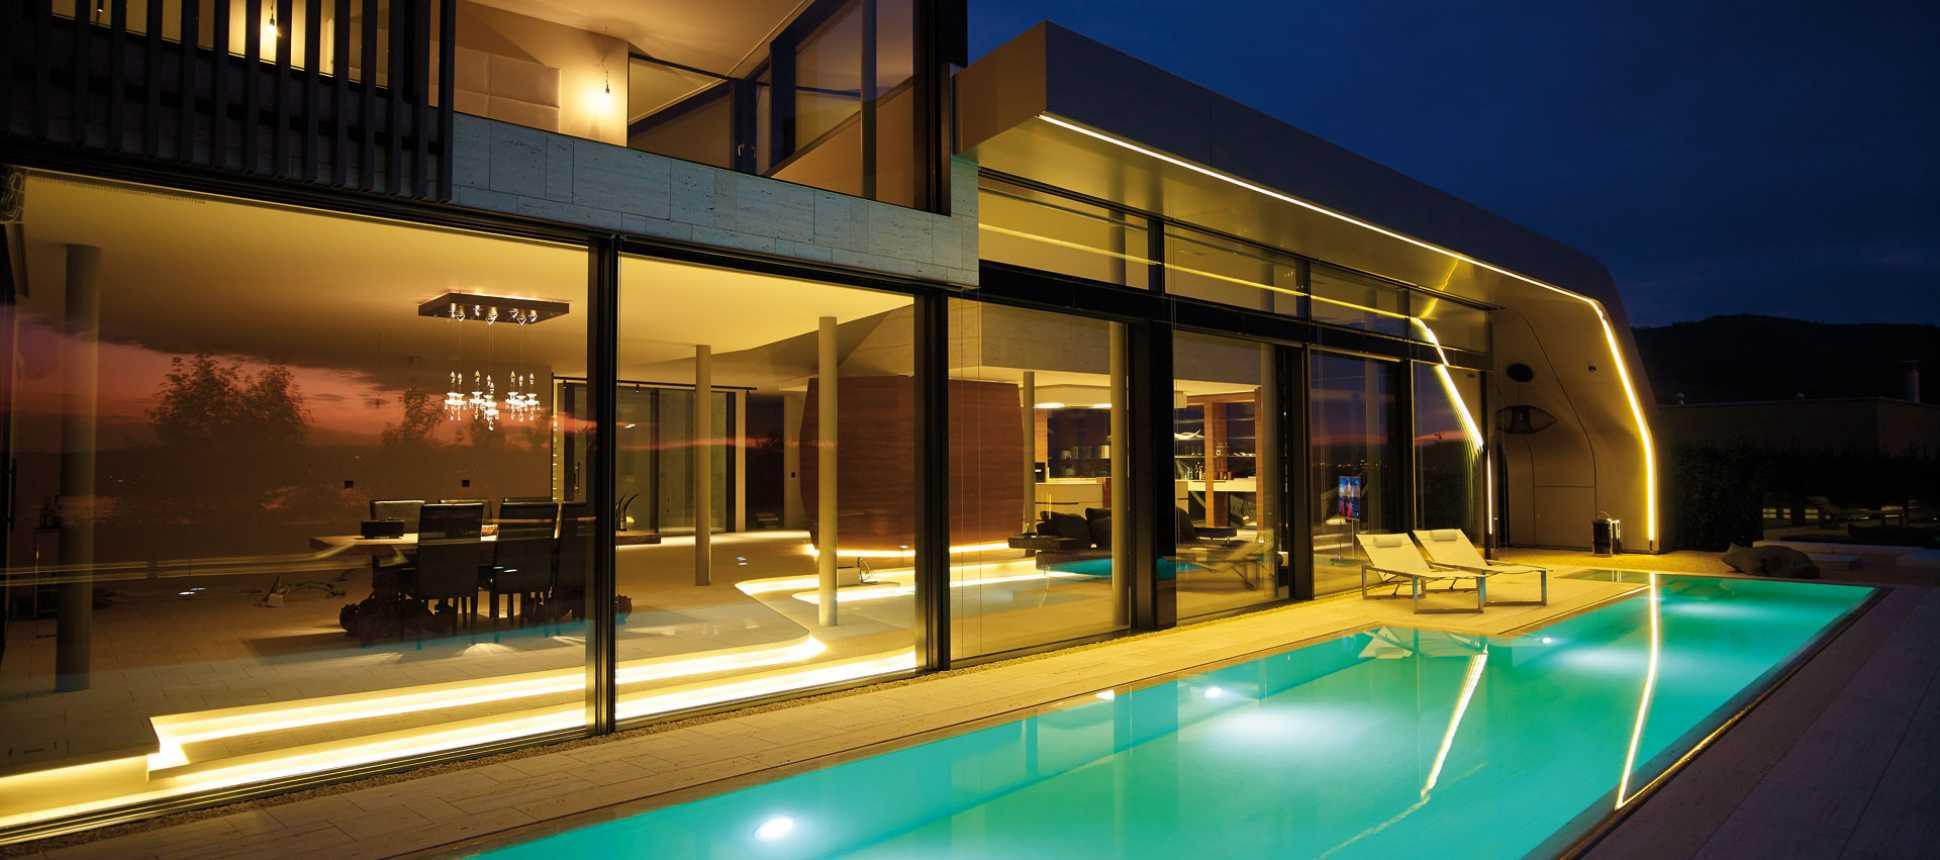 Schwimmbecken beleuchtet